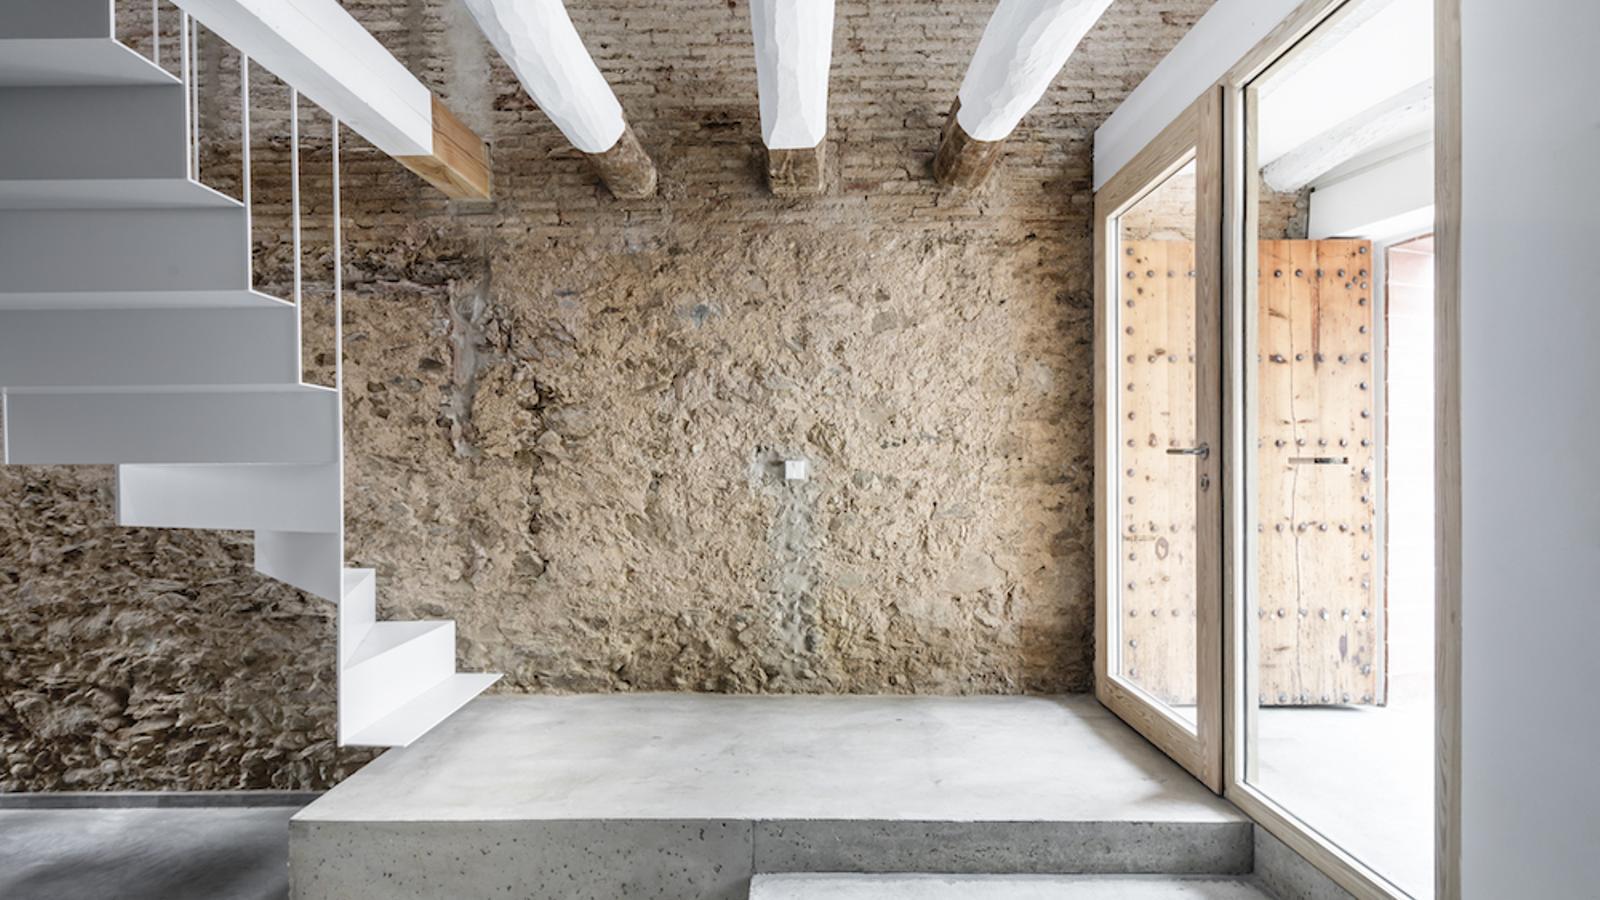 La nova sensibilitat de l'arquitectura tradicional